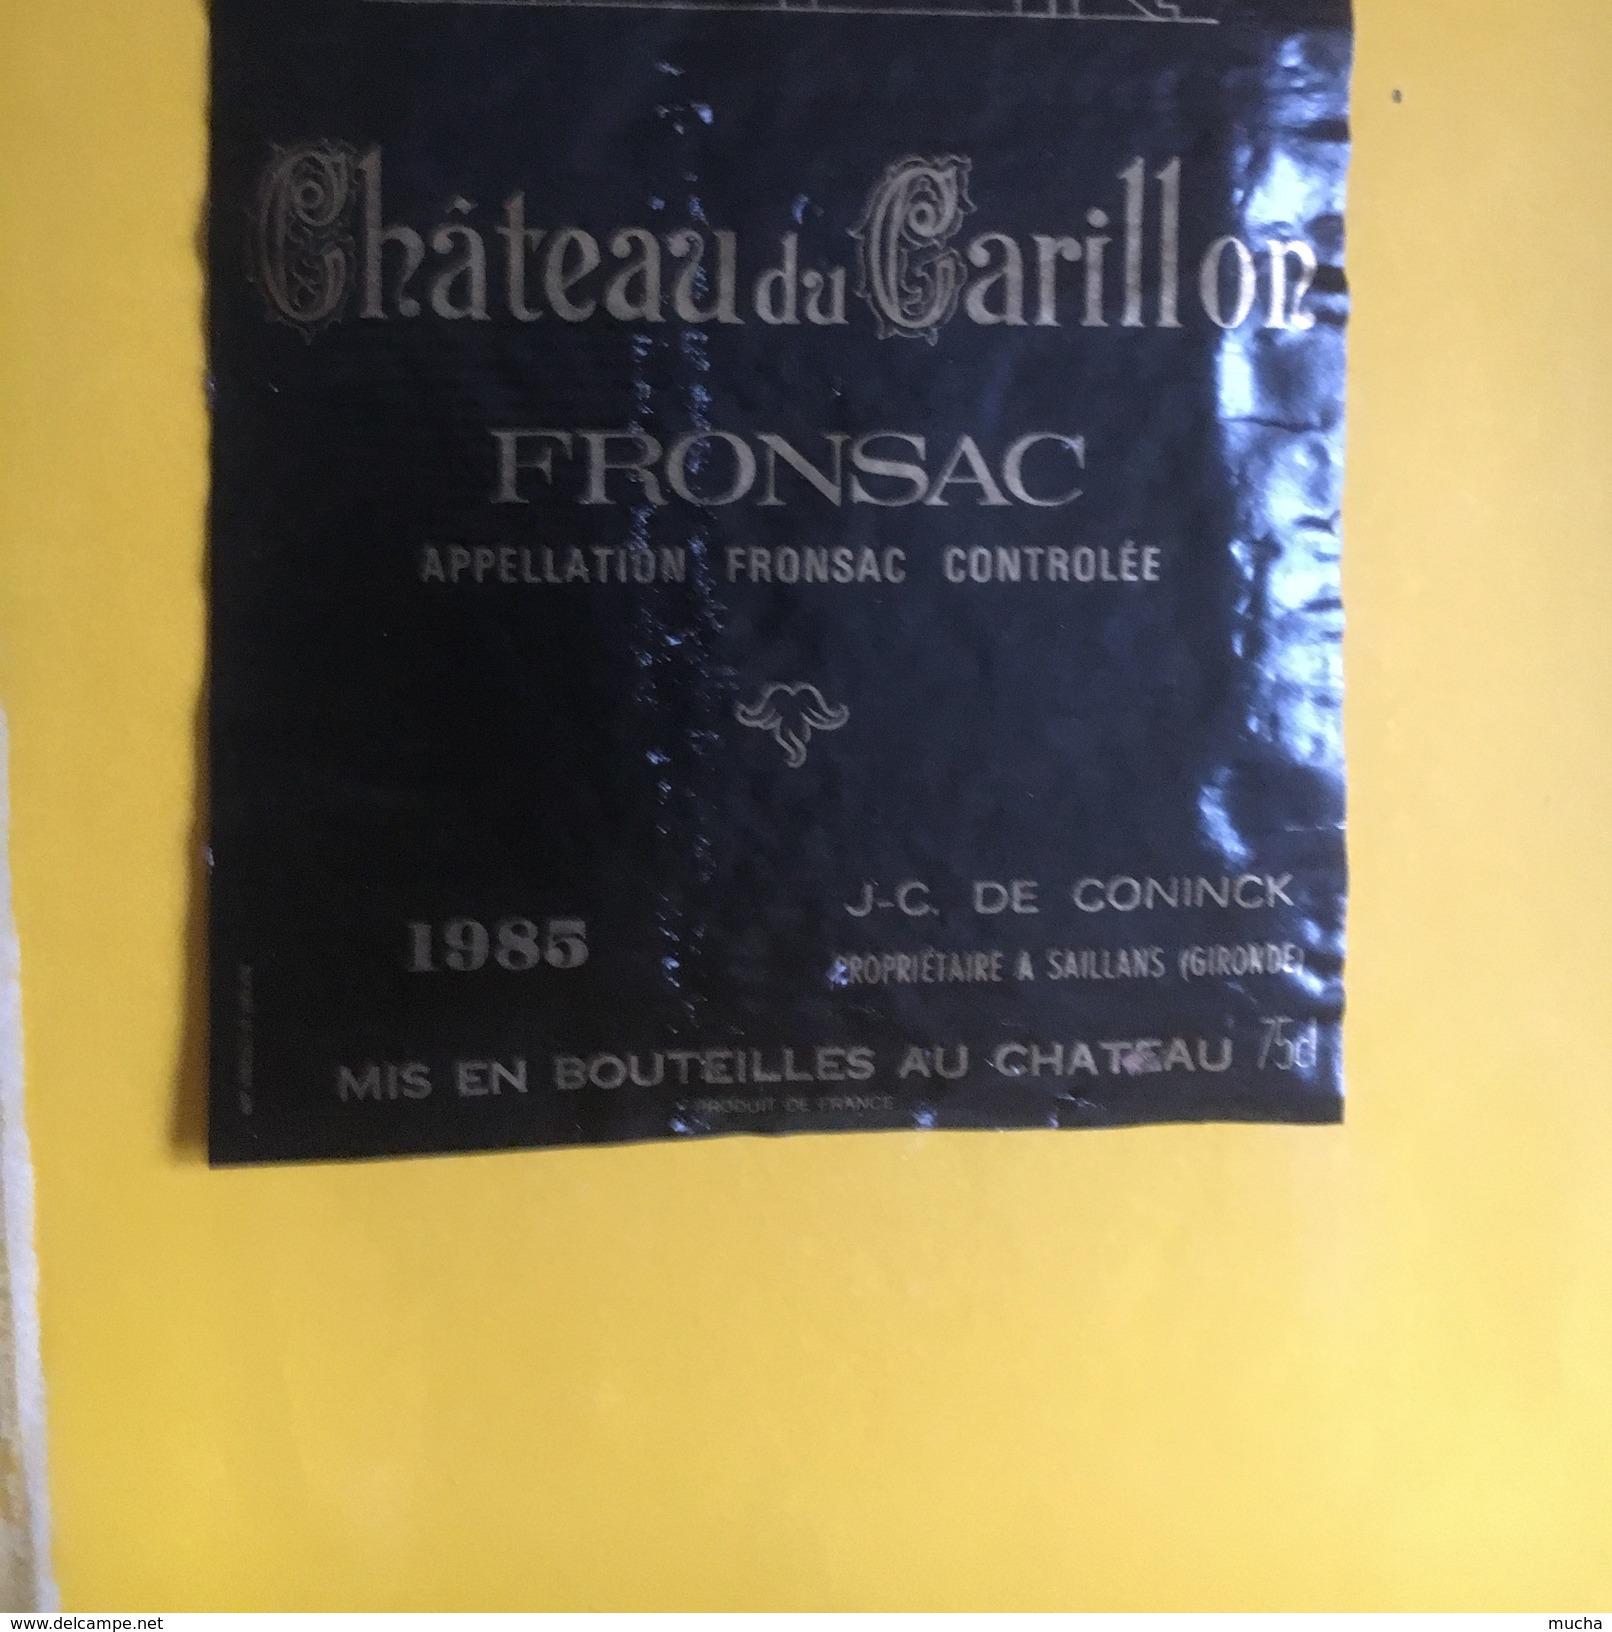 6140 - Château Du Carillon 1985 Fronsac - Bordeaux